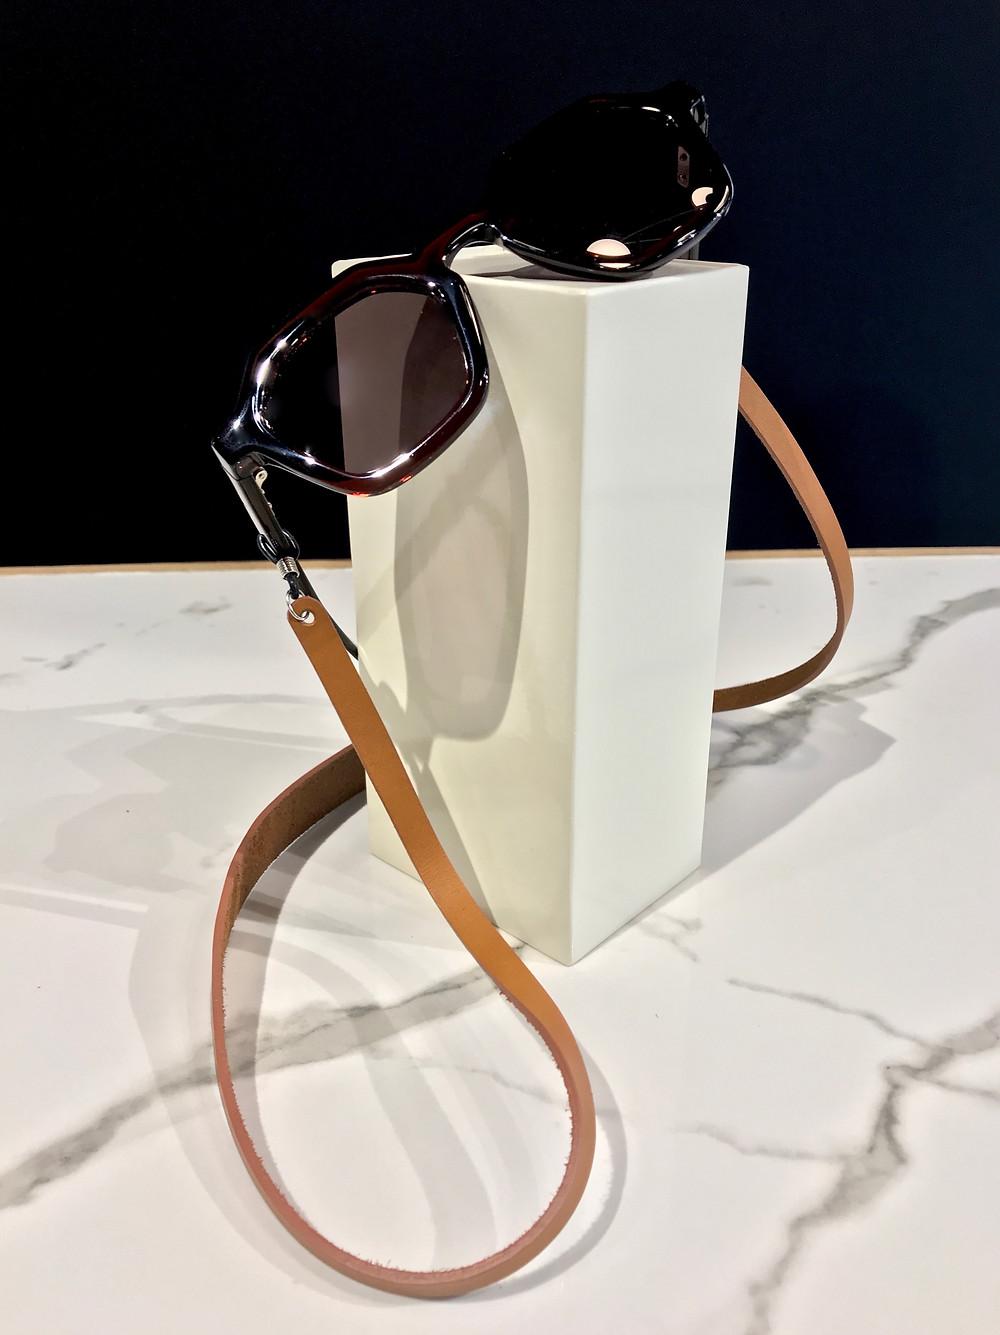 cordon lunettes cuir créateur Le Feuillet lyon